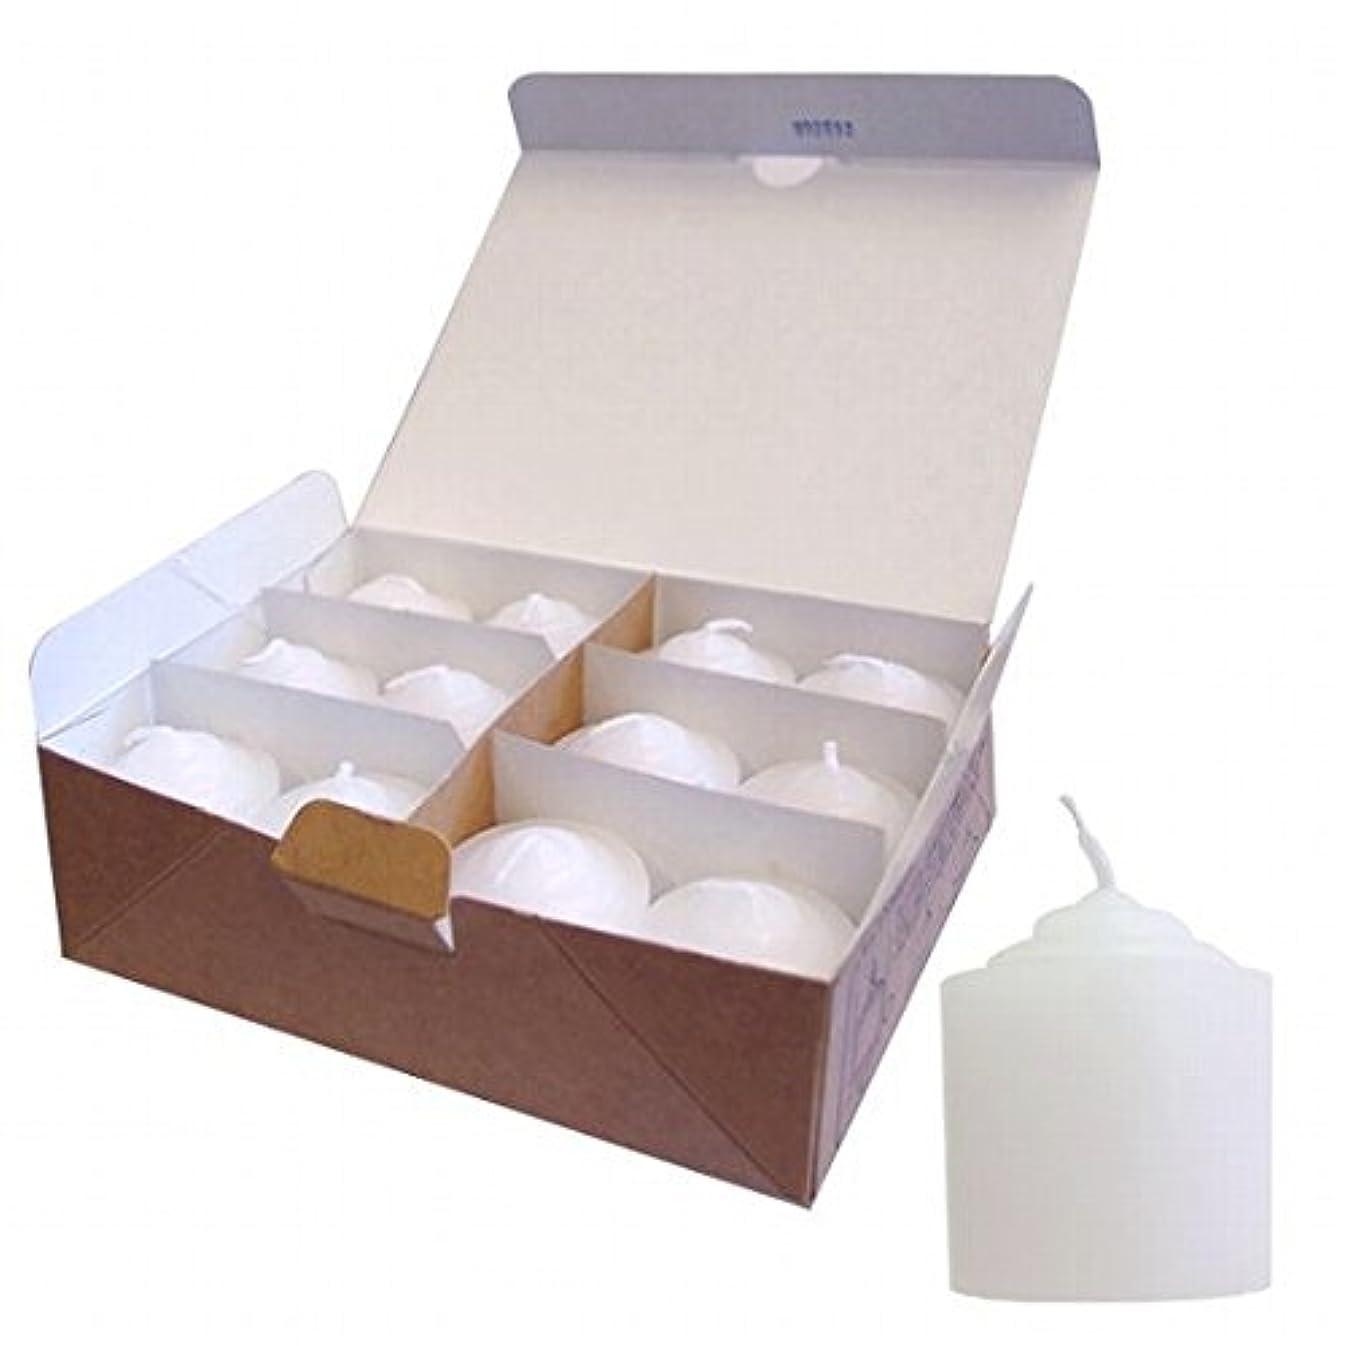 到着するスワップ助手カメヤマキャンドル( kameyama candle ) 8Hライト(8時間タイプ)12個入り